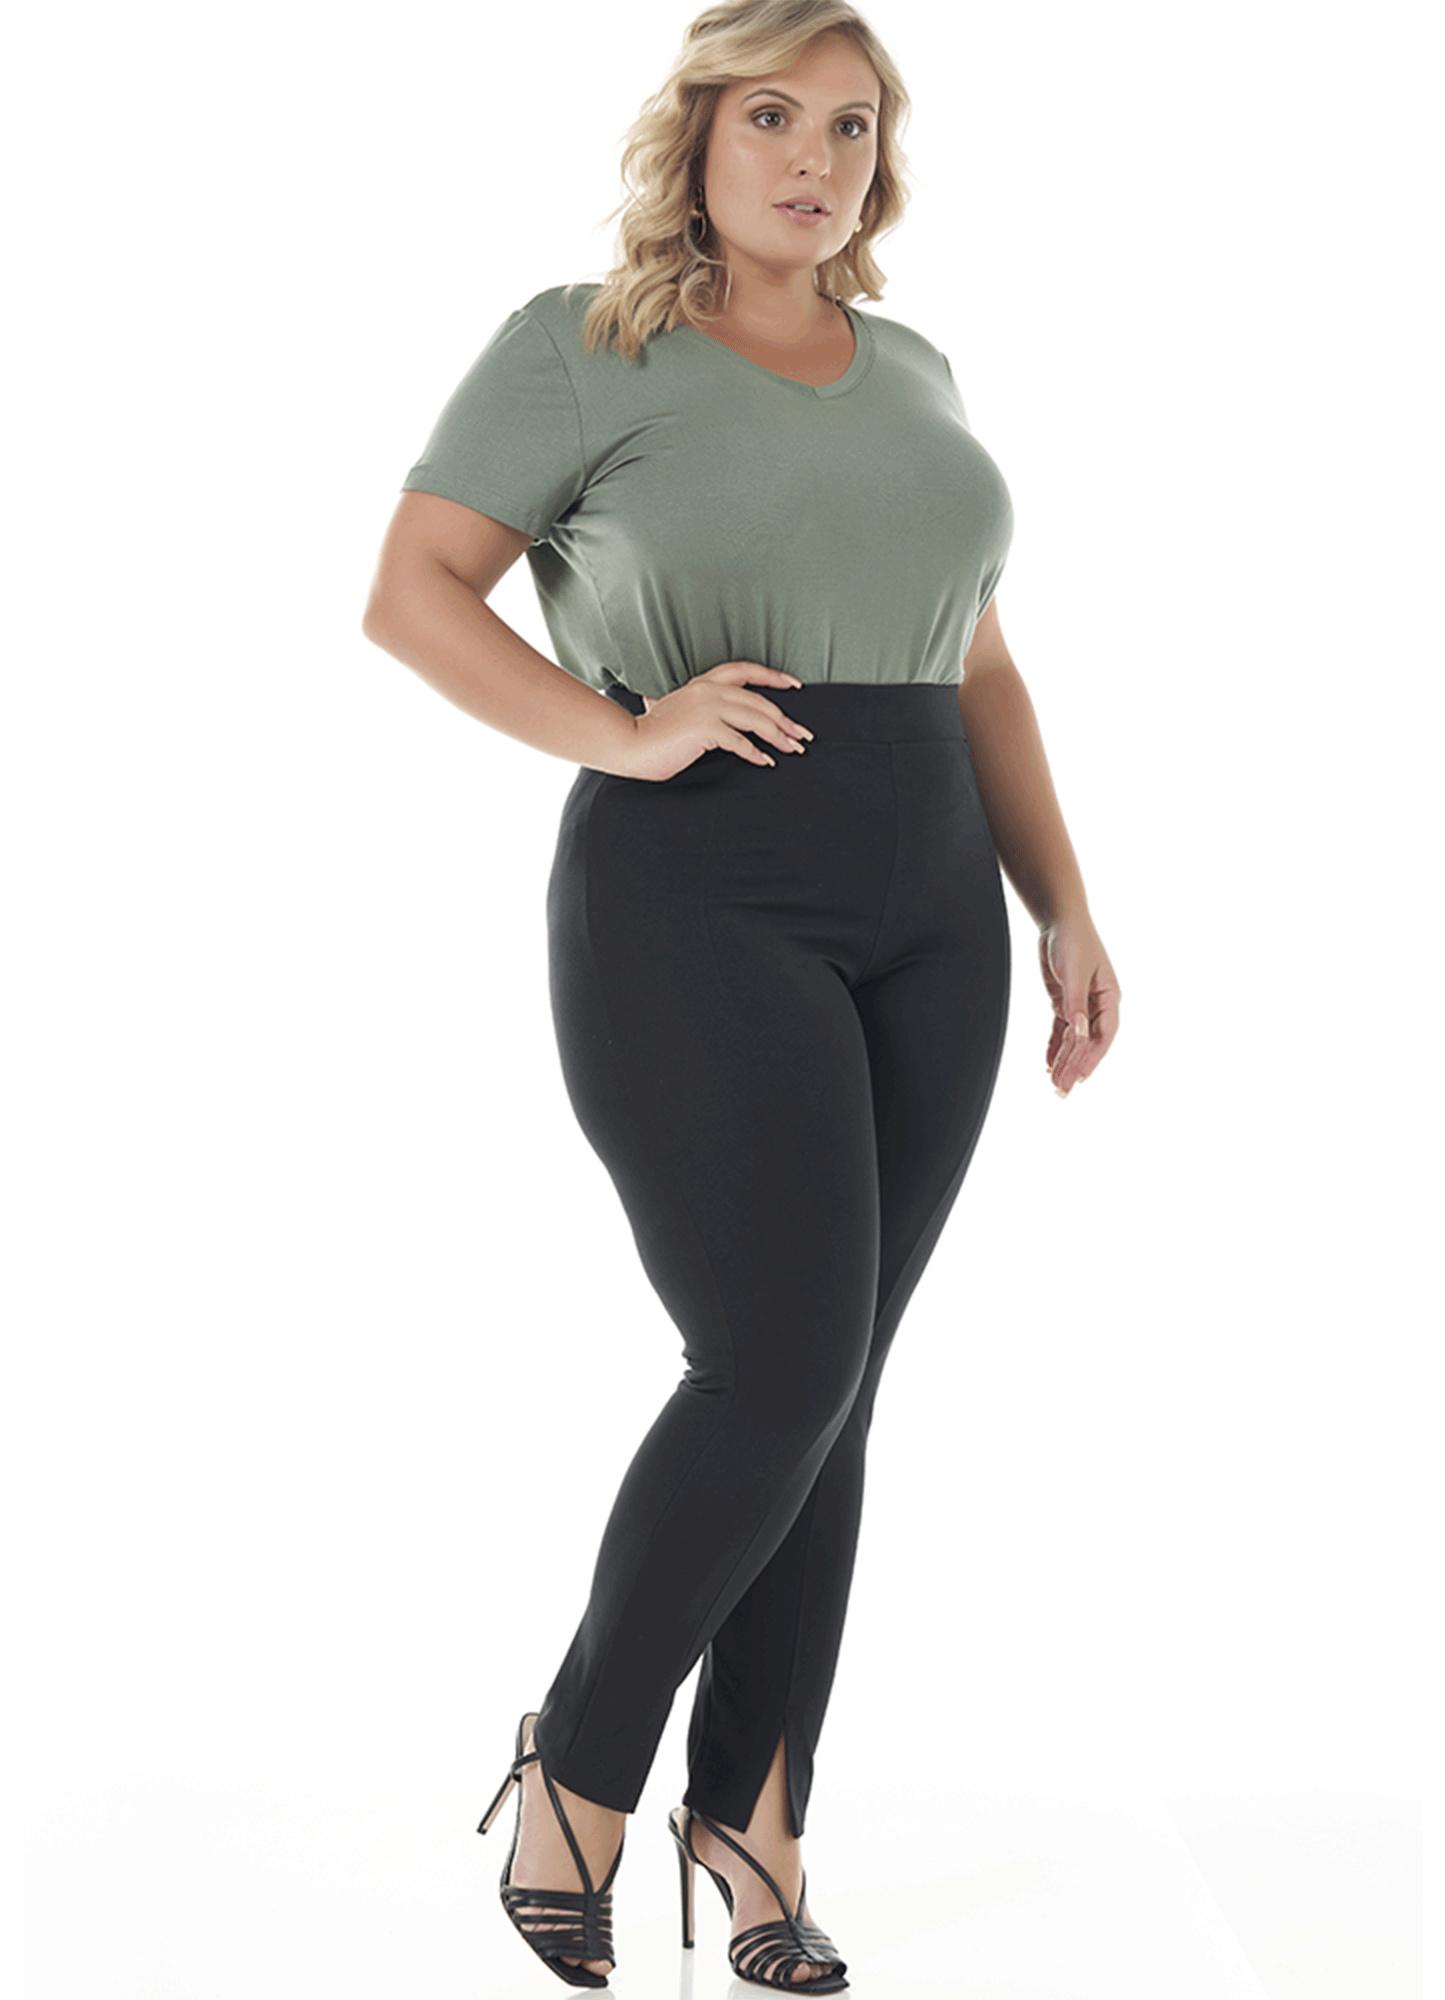 Calça Montaria Feminina Viscose Preta Cintura Alta com Racha